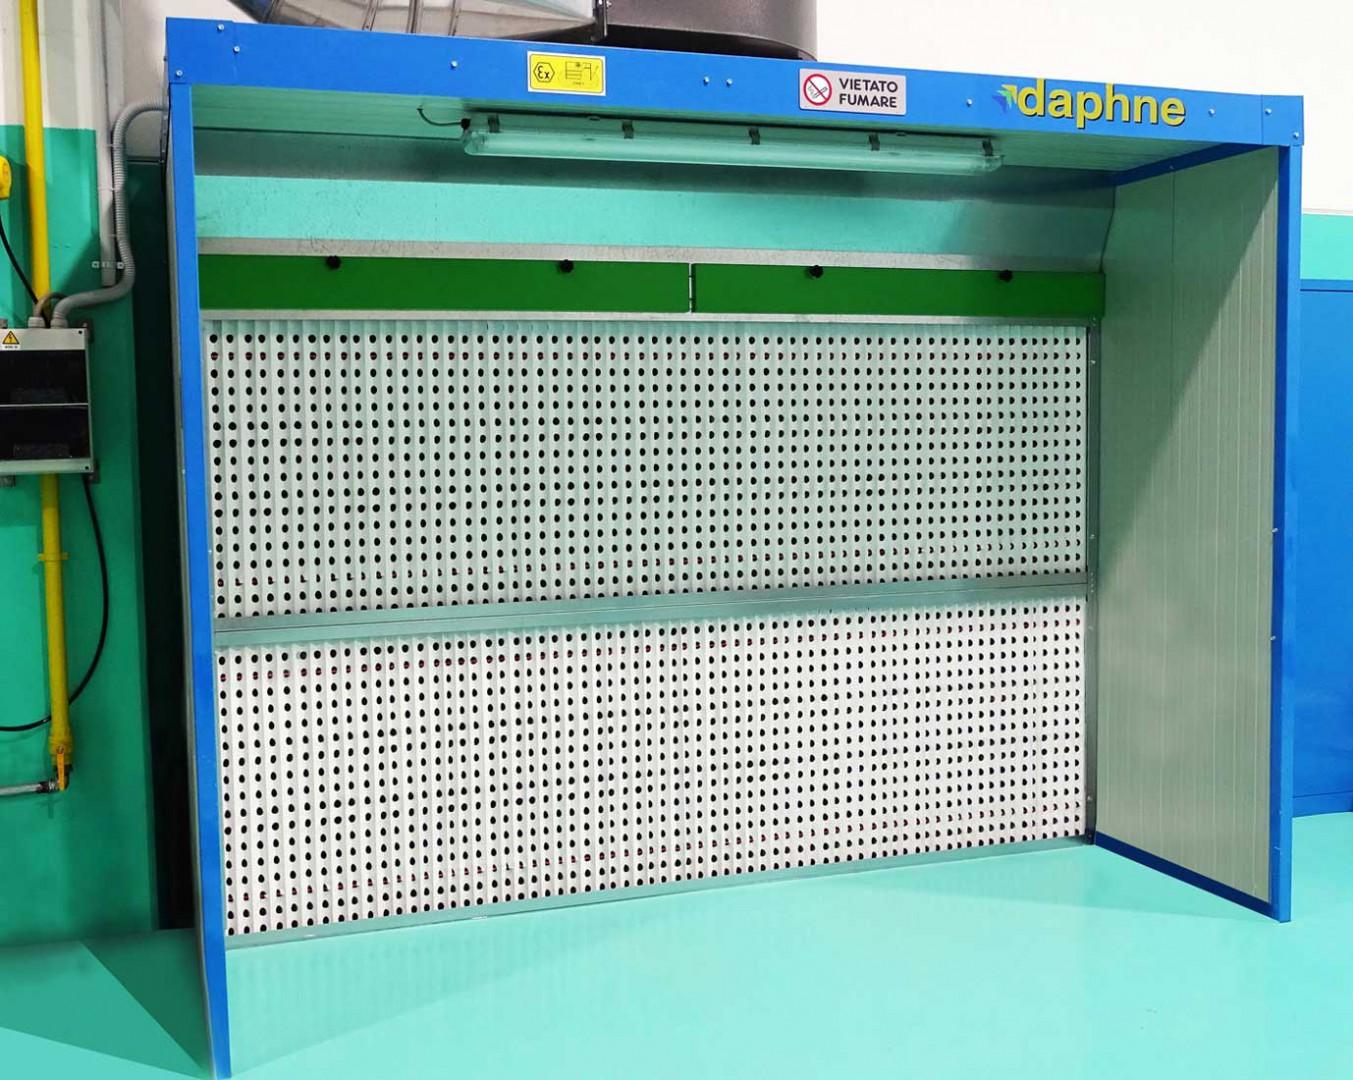 Plafoniere Per Cabine Di Verniciatura : Cabine di verniciatura daphne impianti